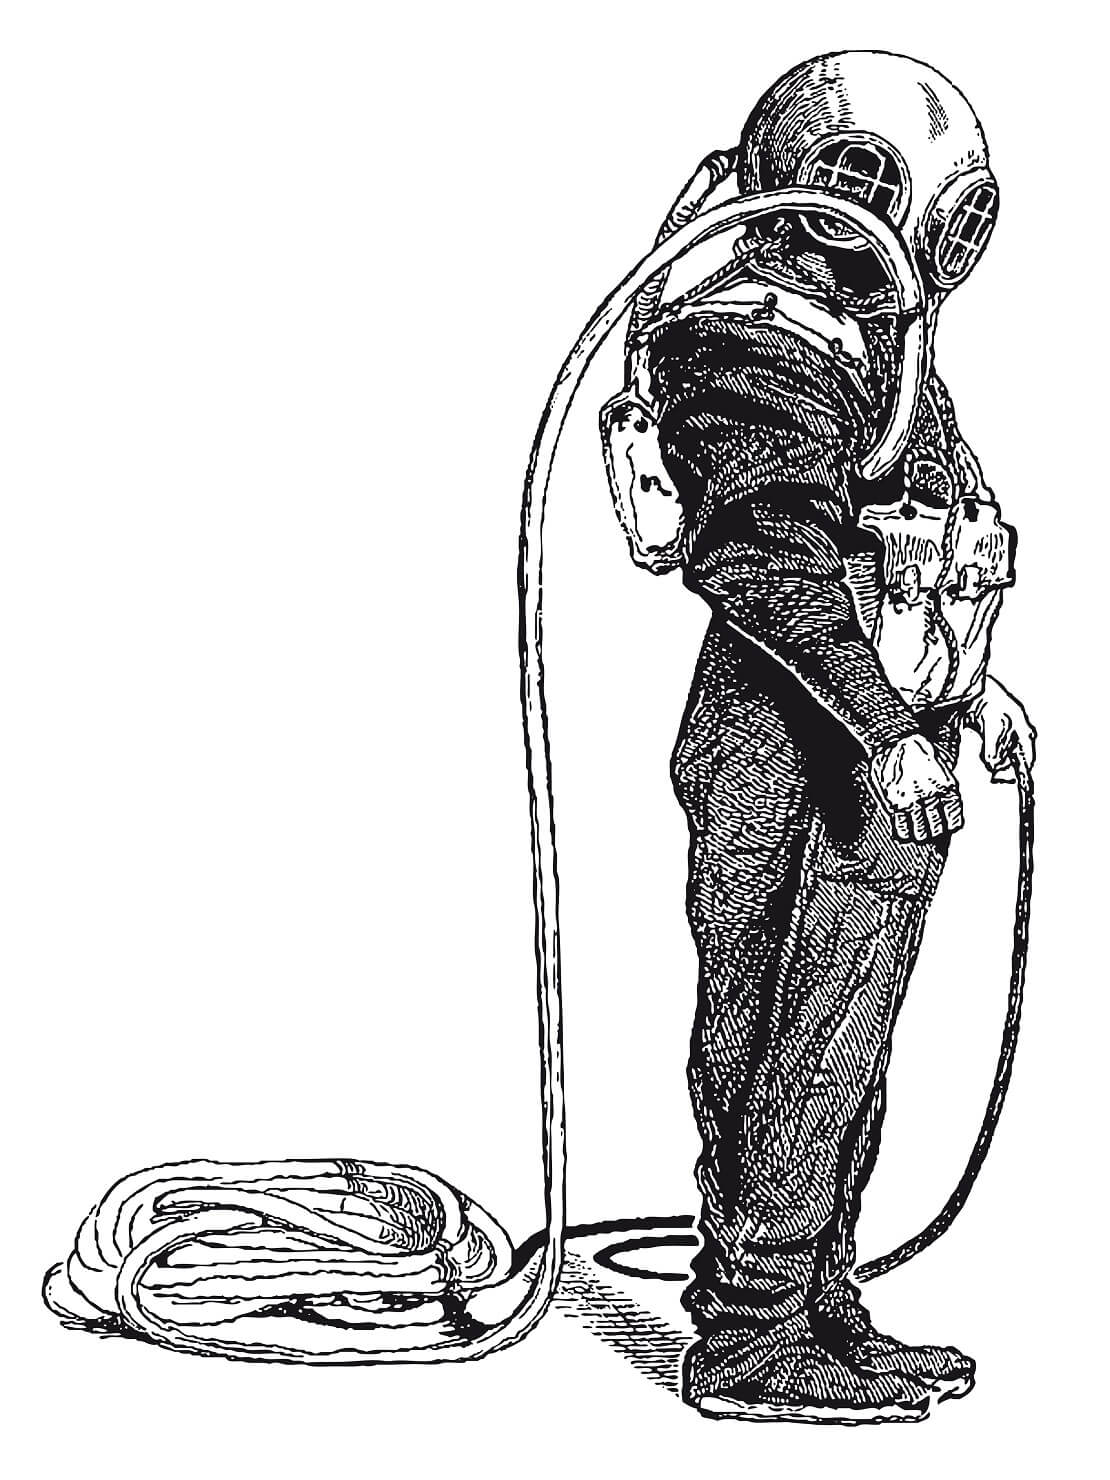 Zeichnung eines alten Tauchanzuges